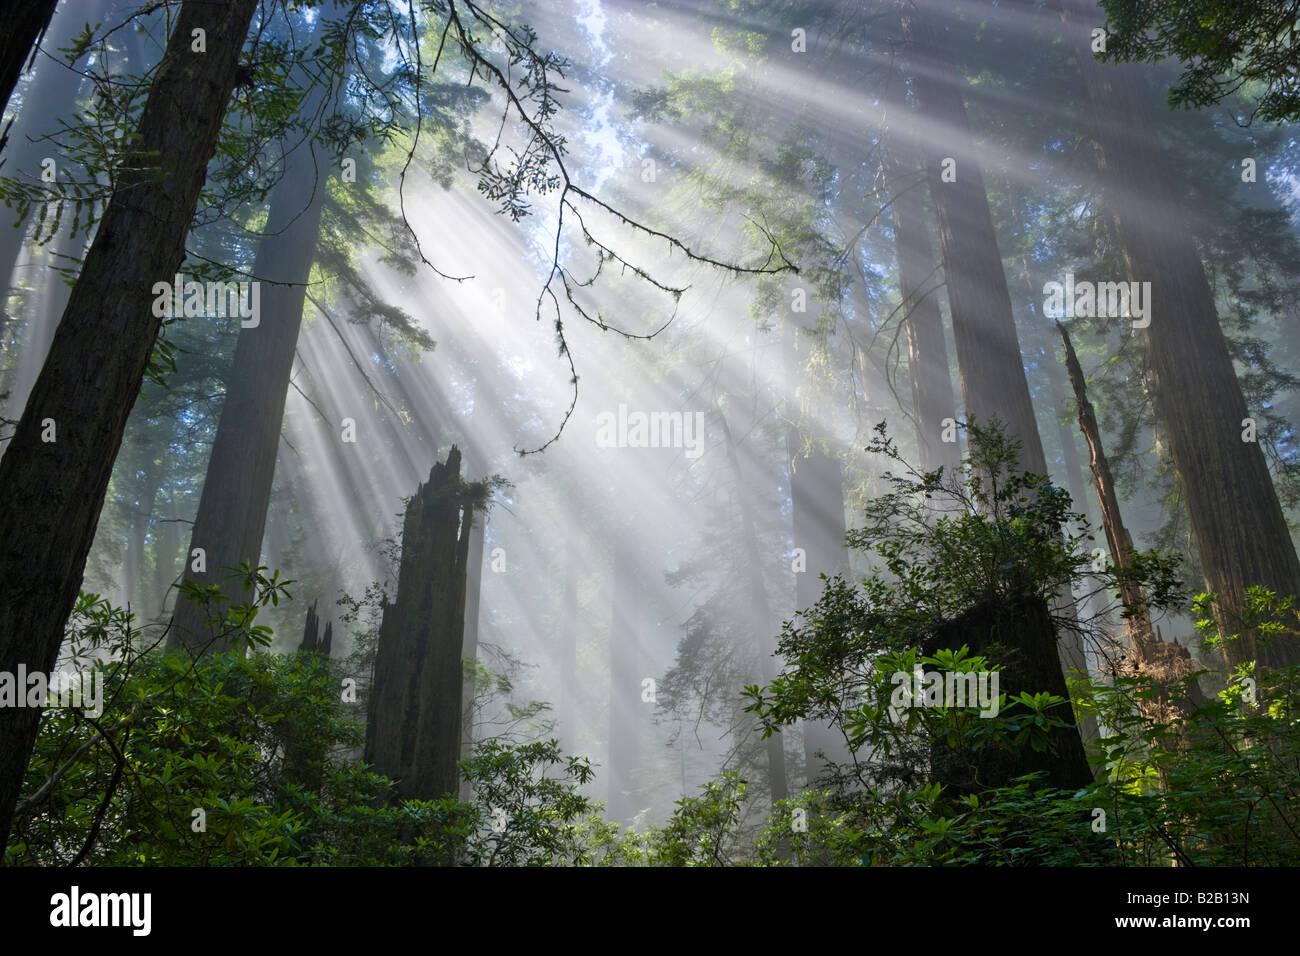 Les rayons du soleil filtrant à travers les forêts de redwood brumeux. Photo Stock